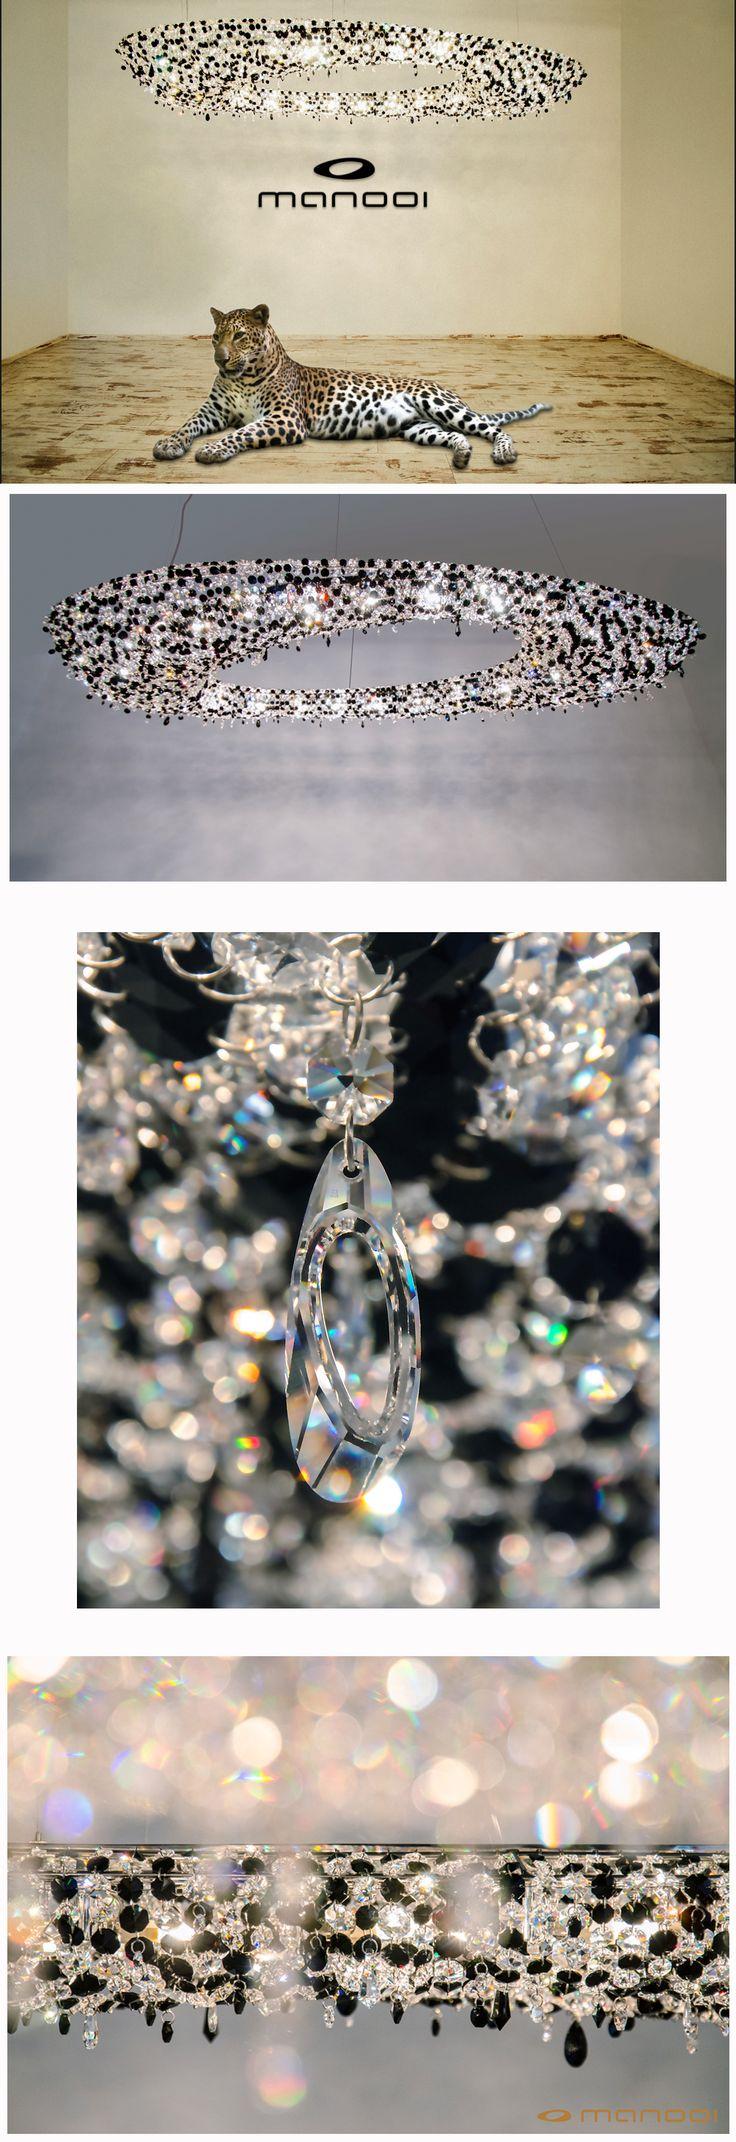 artica crystal chandelier wwwmanooicom manooi chandelier crystalchandelier design - Artica Designs